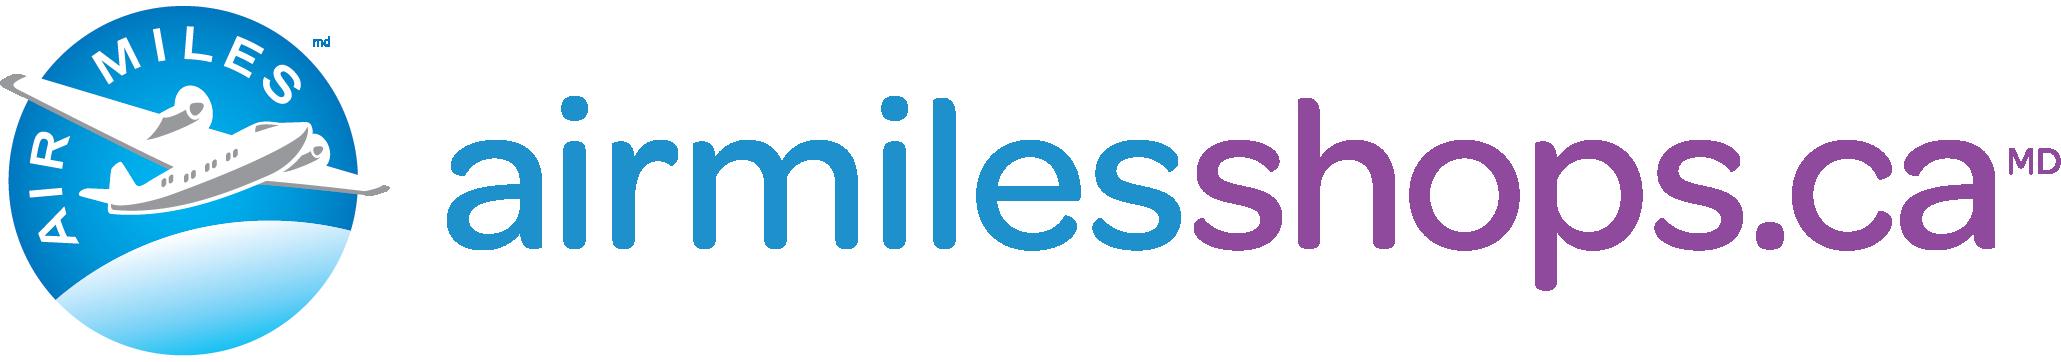 airmilesshops.ca logo